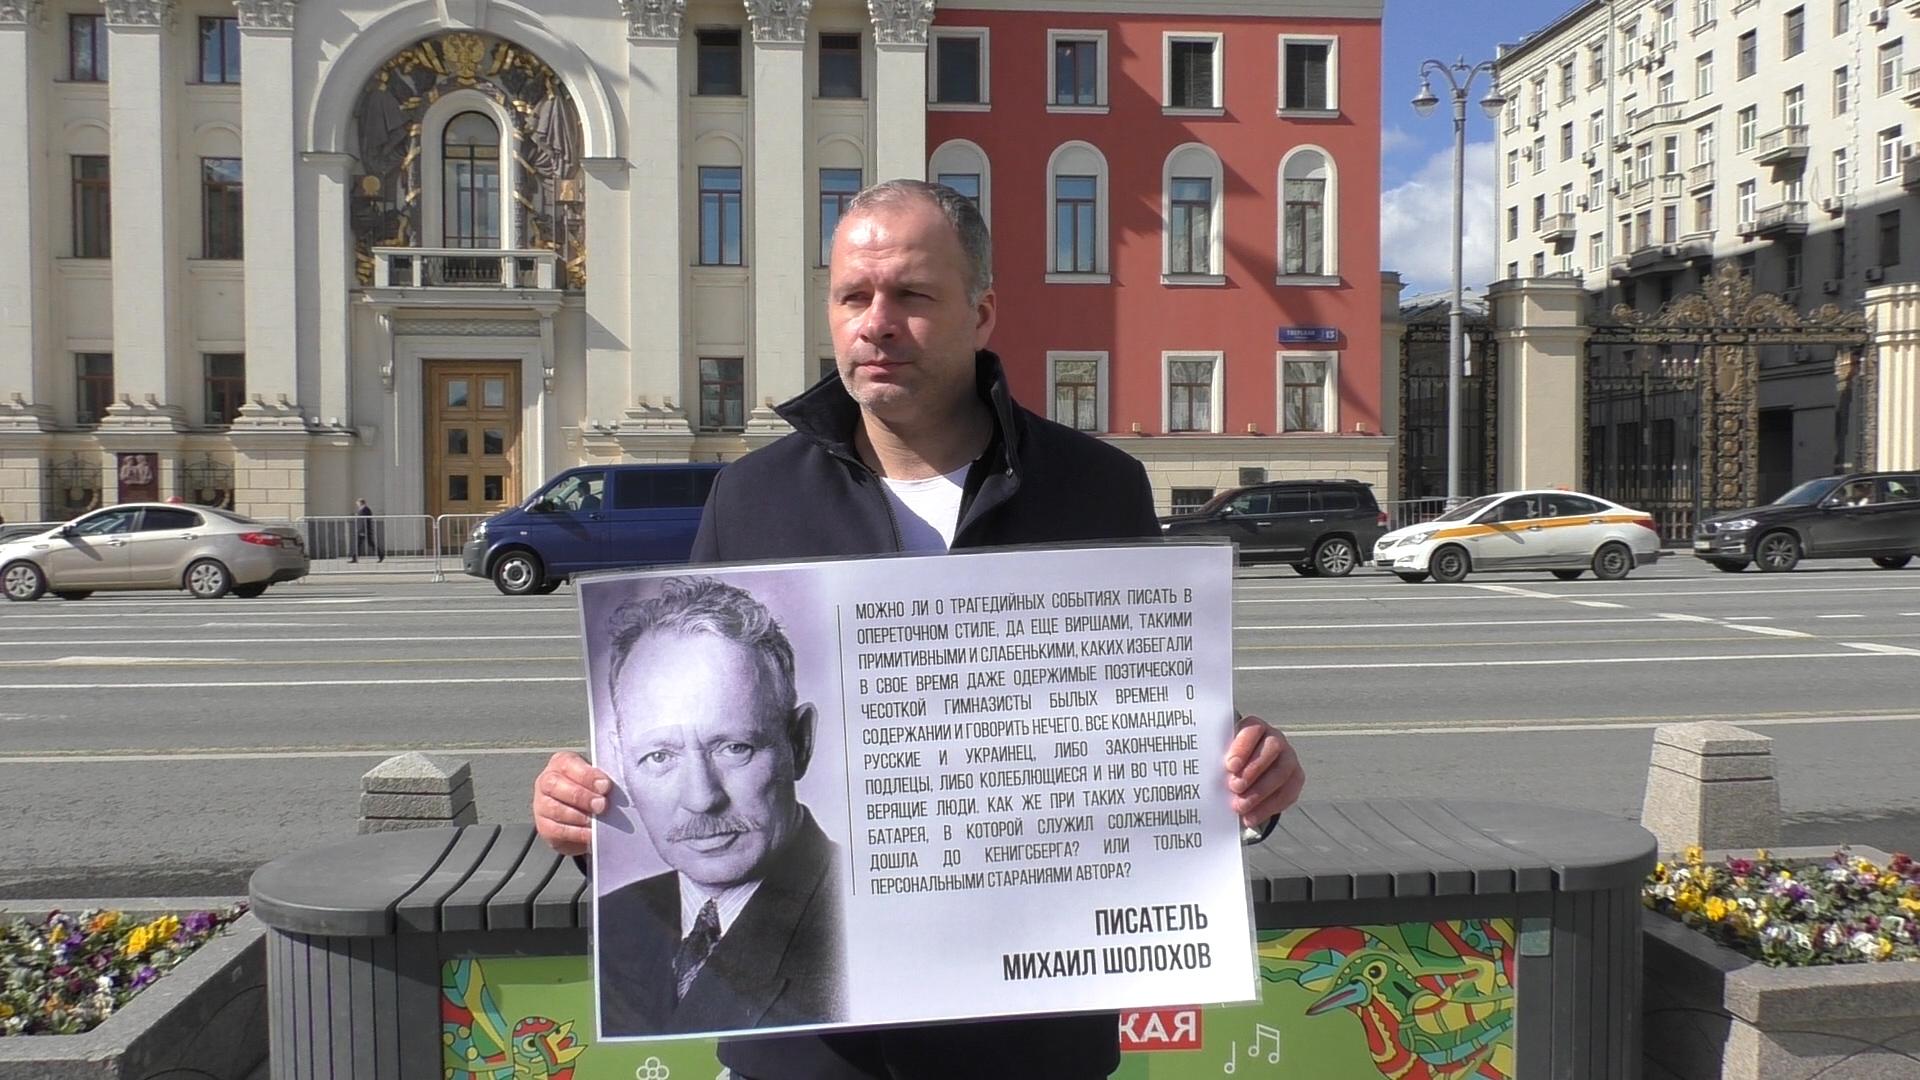 20180427_18-51-В РФ протестуют против государственного празднования 100-летия Солженицына-pic3